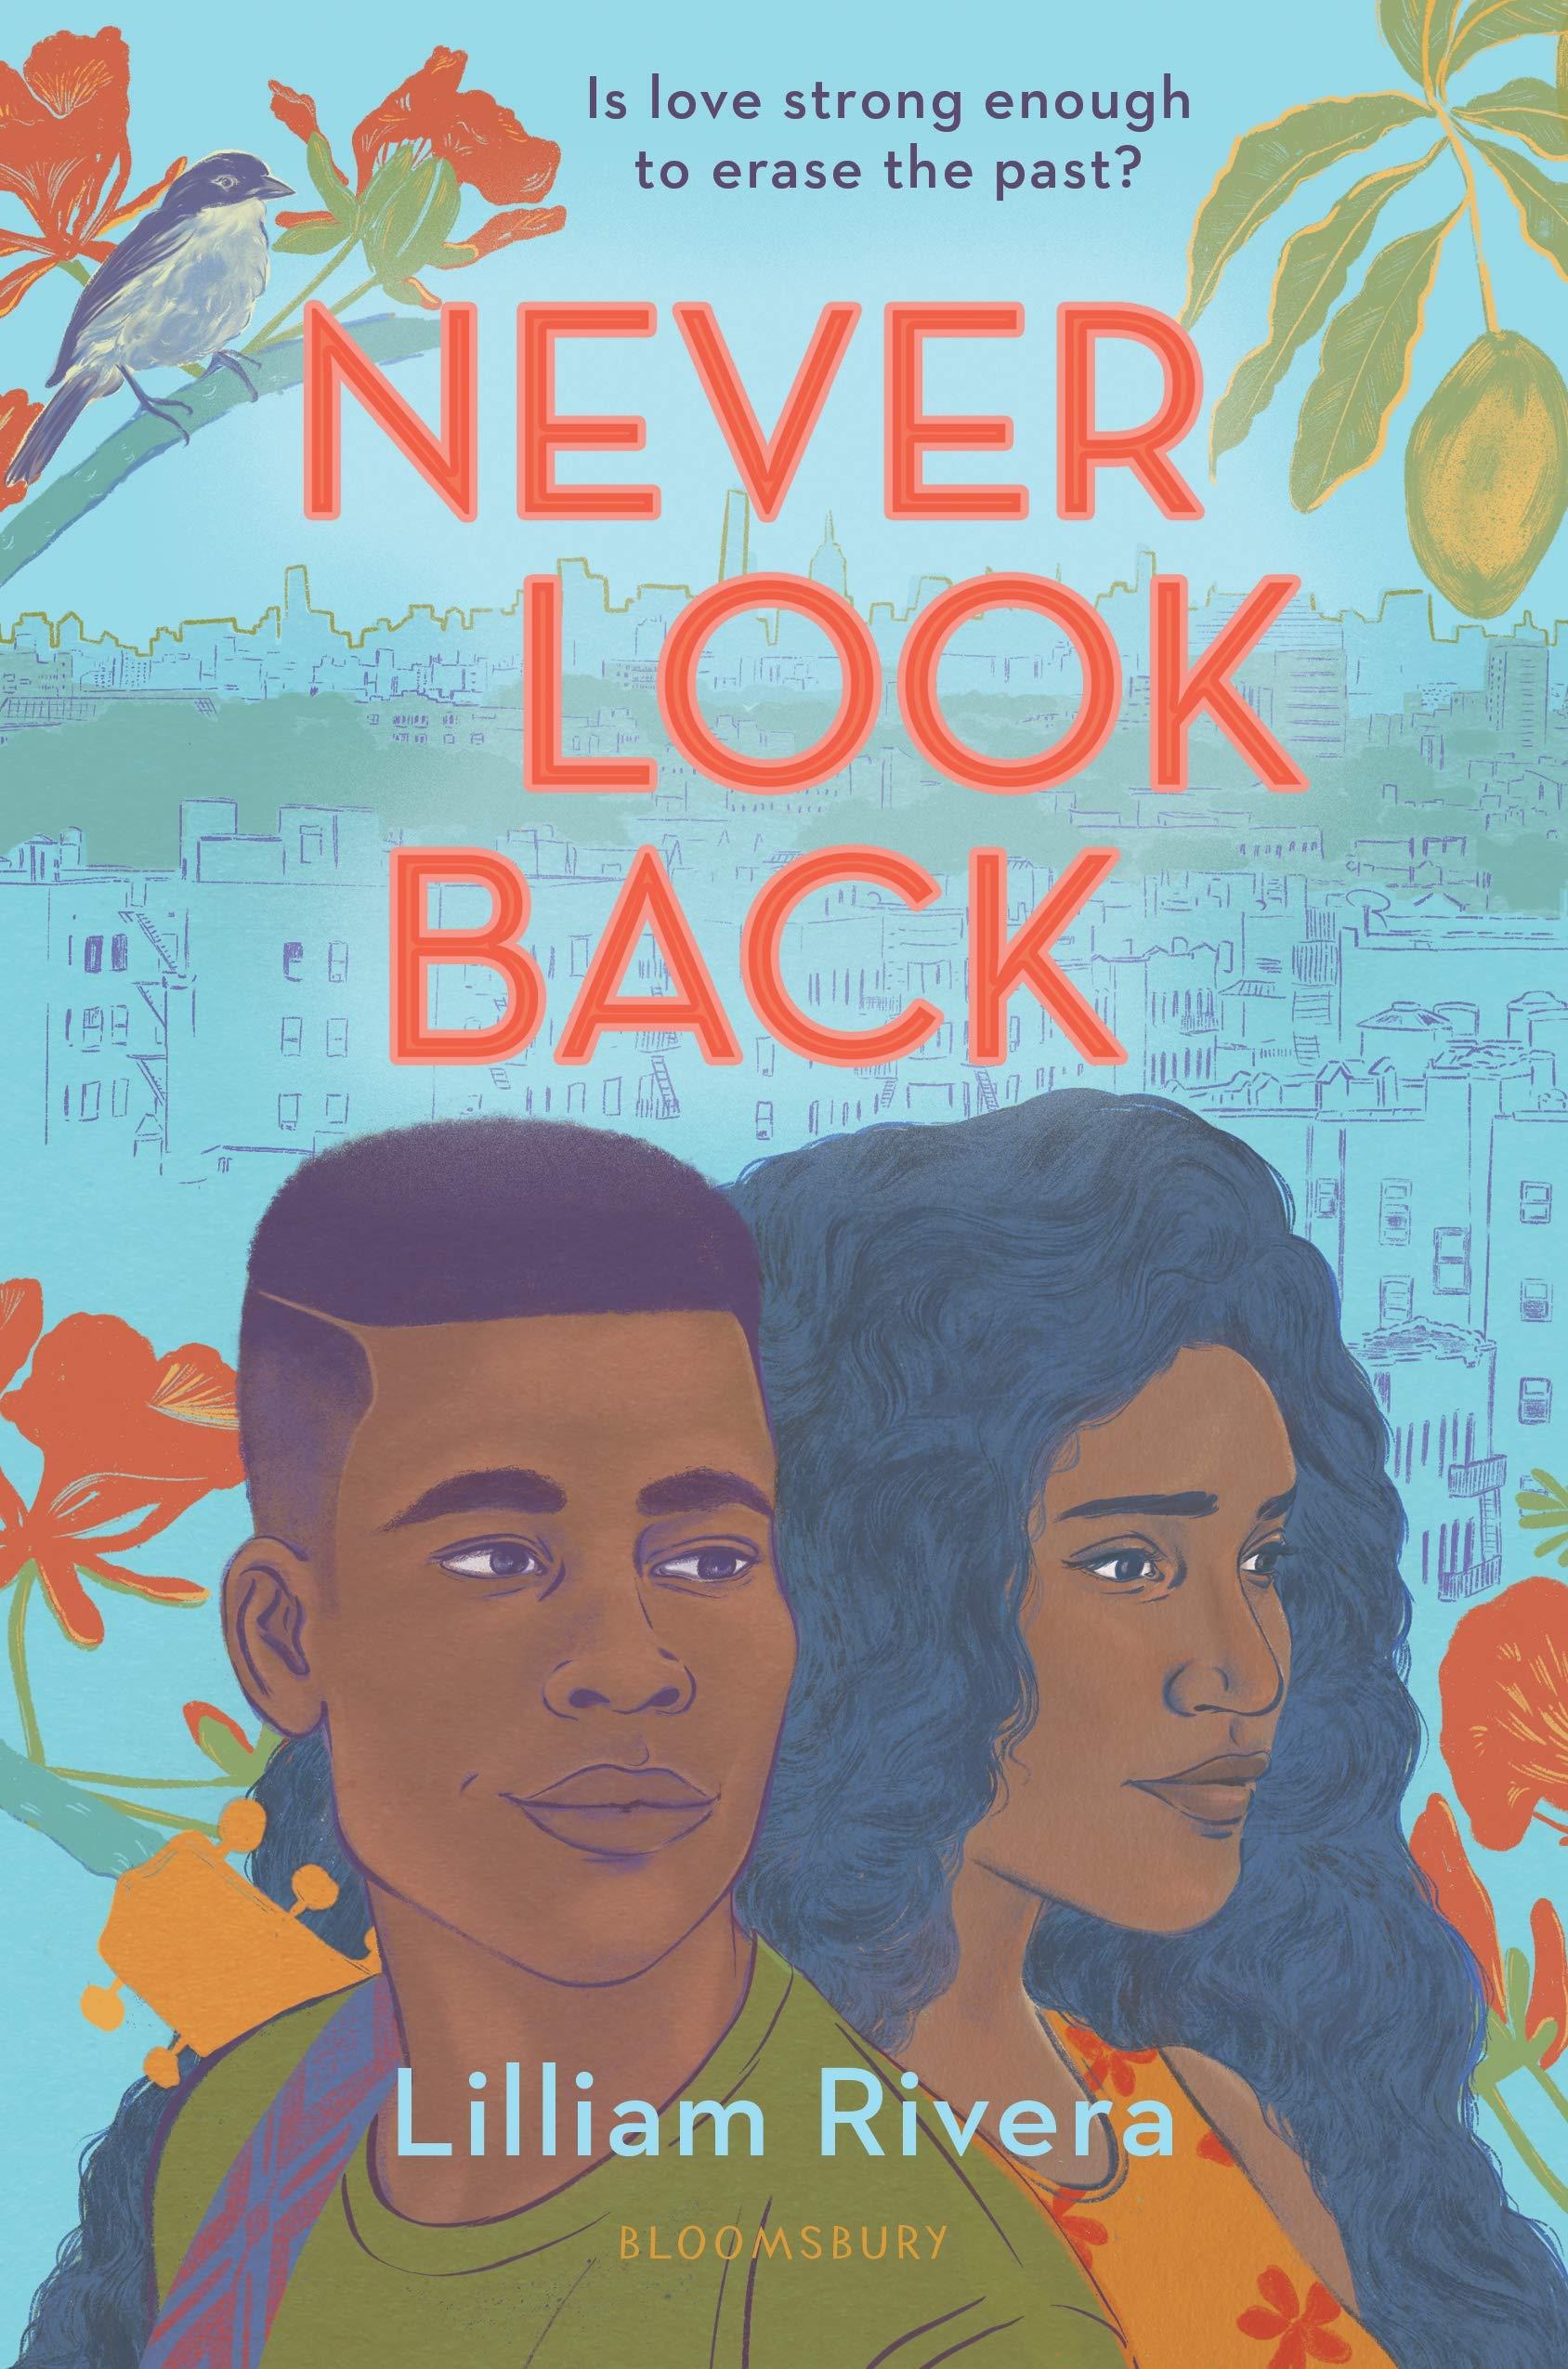 Amazon.com: Never Look Back (9781547603732): Rivera, Lilliam: Books